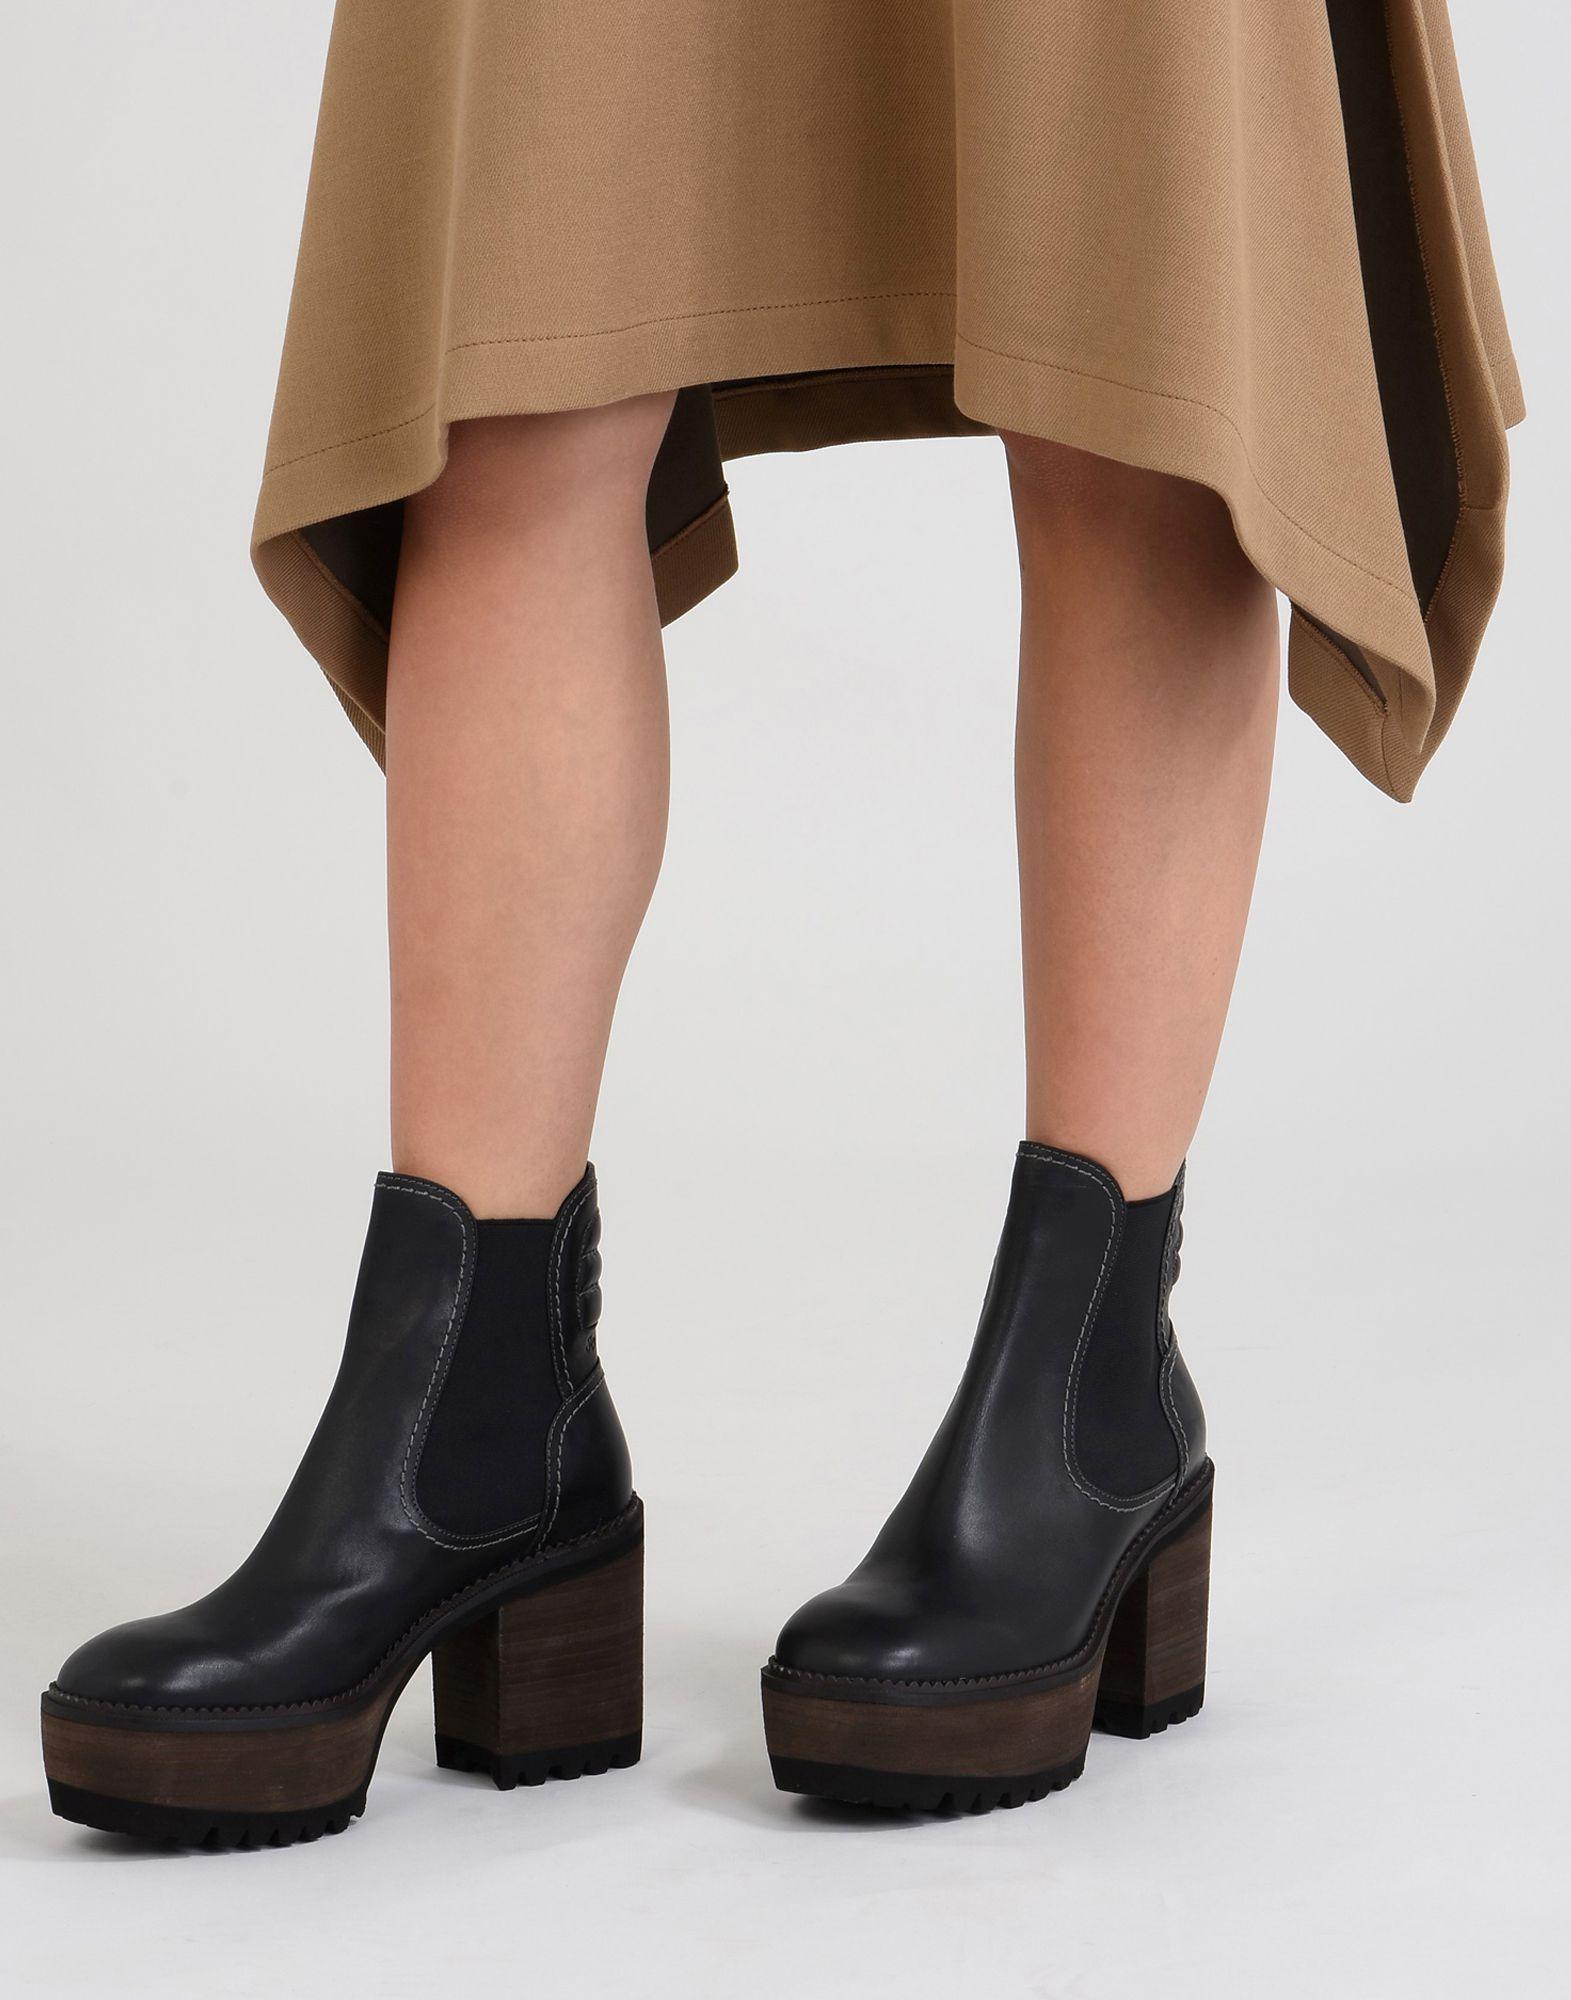 See By 11511278NBGünstige Chloé Stiefelette Damen  11511278NBGünstige By gut aussehende Schuhe c86403